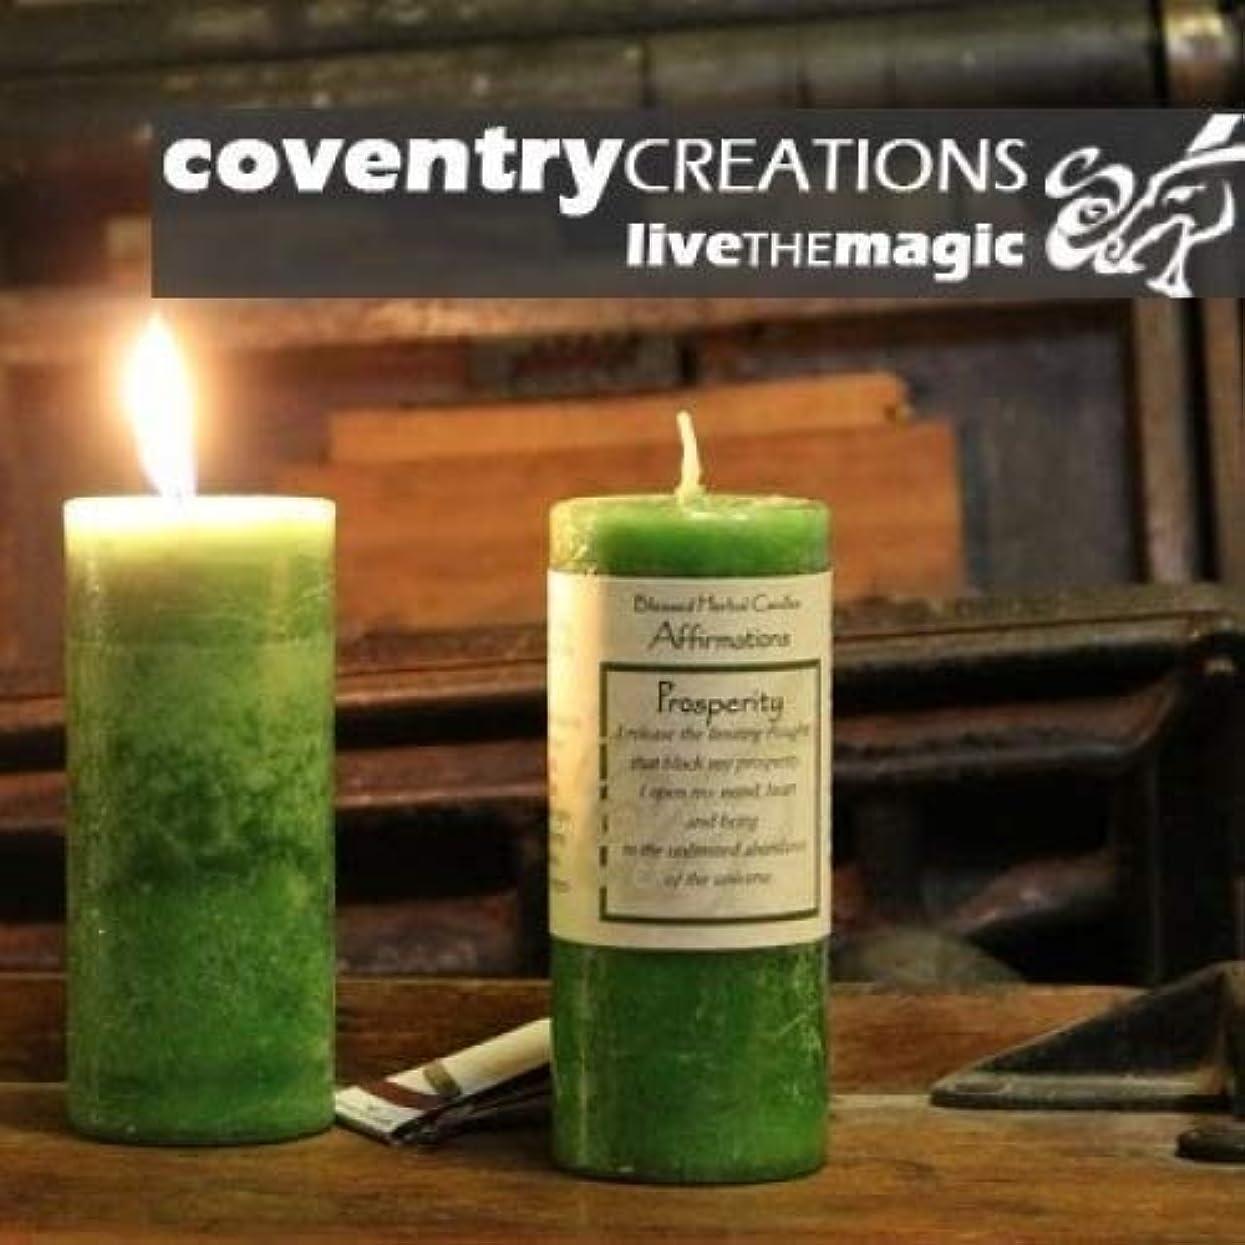 珍しい実際のアミューズメントAffirmations - Prosperity Candle by Coventry Creations